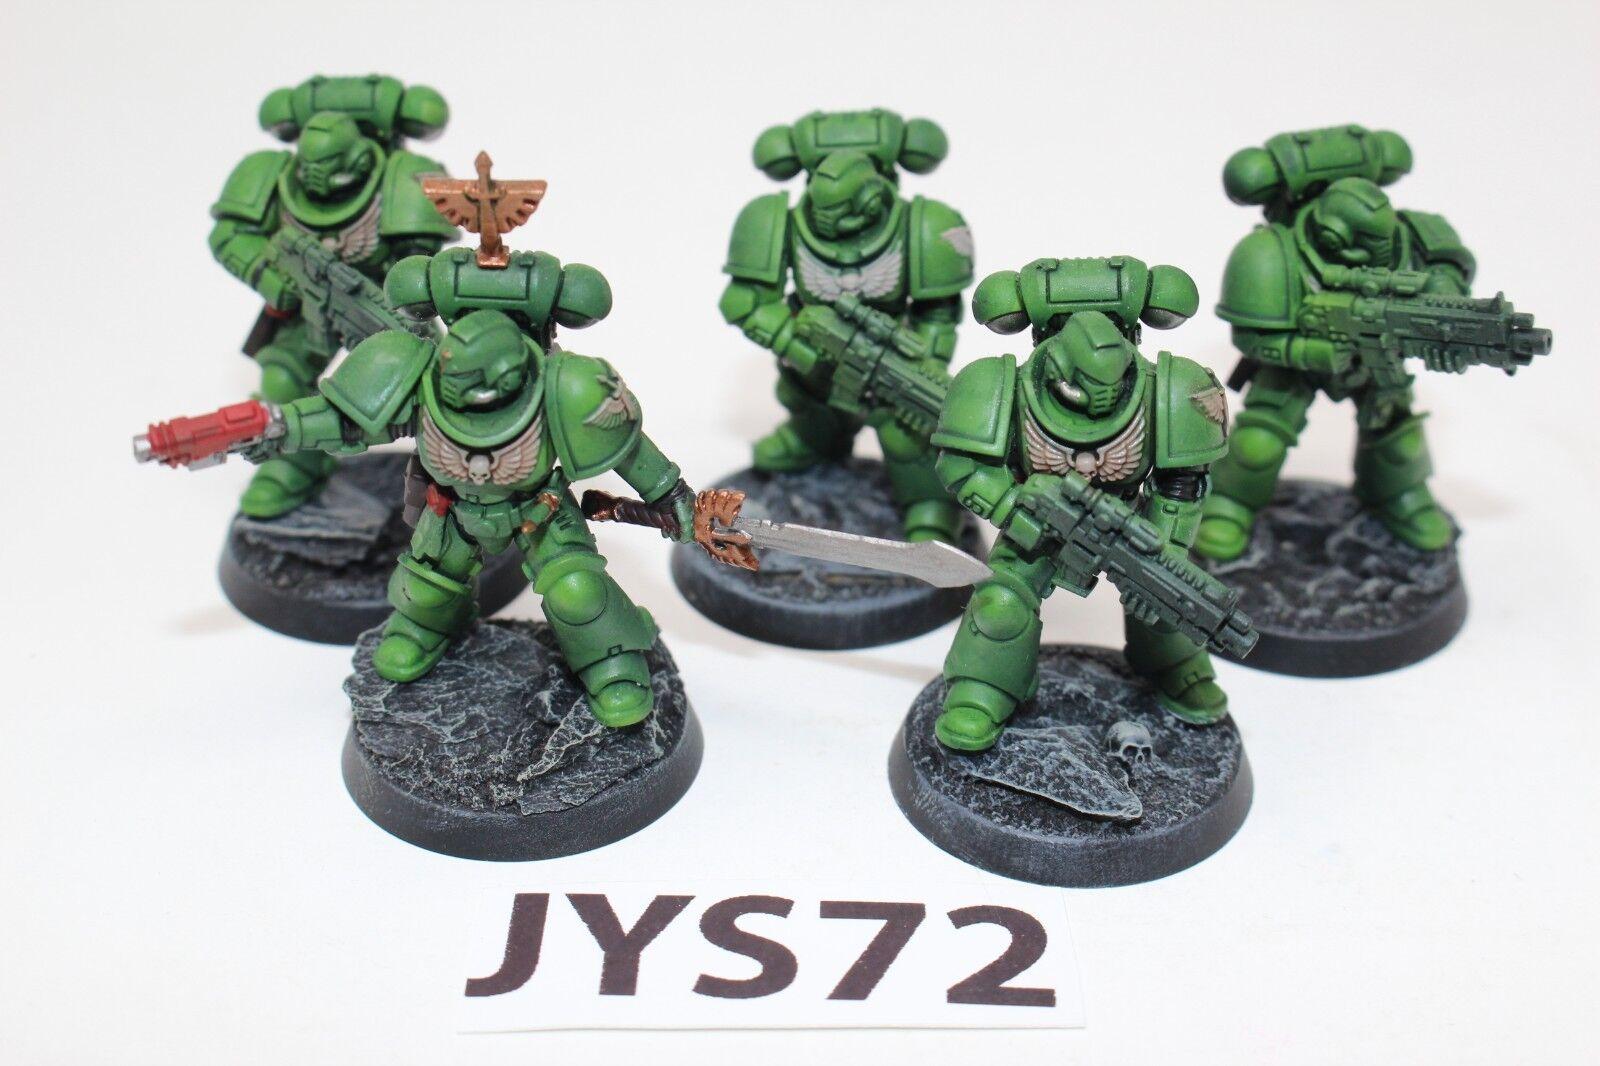 Warhammer Space Marines Dark Angels Primaris Intercessors - JYS72